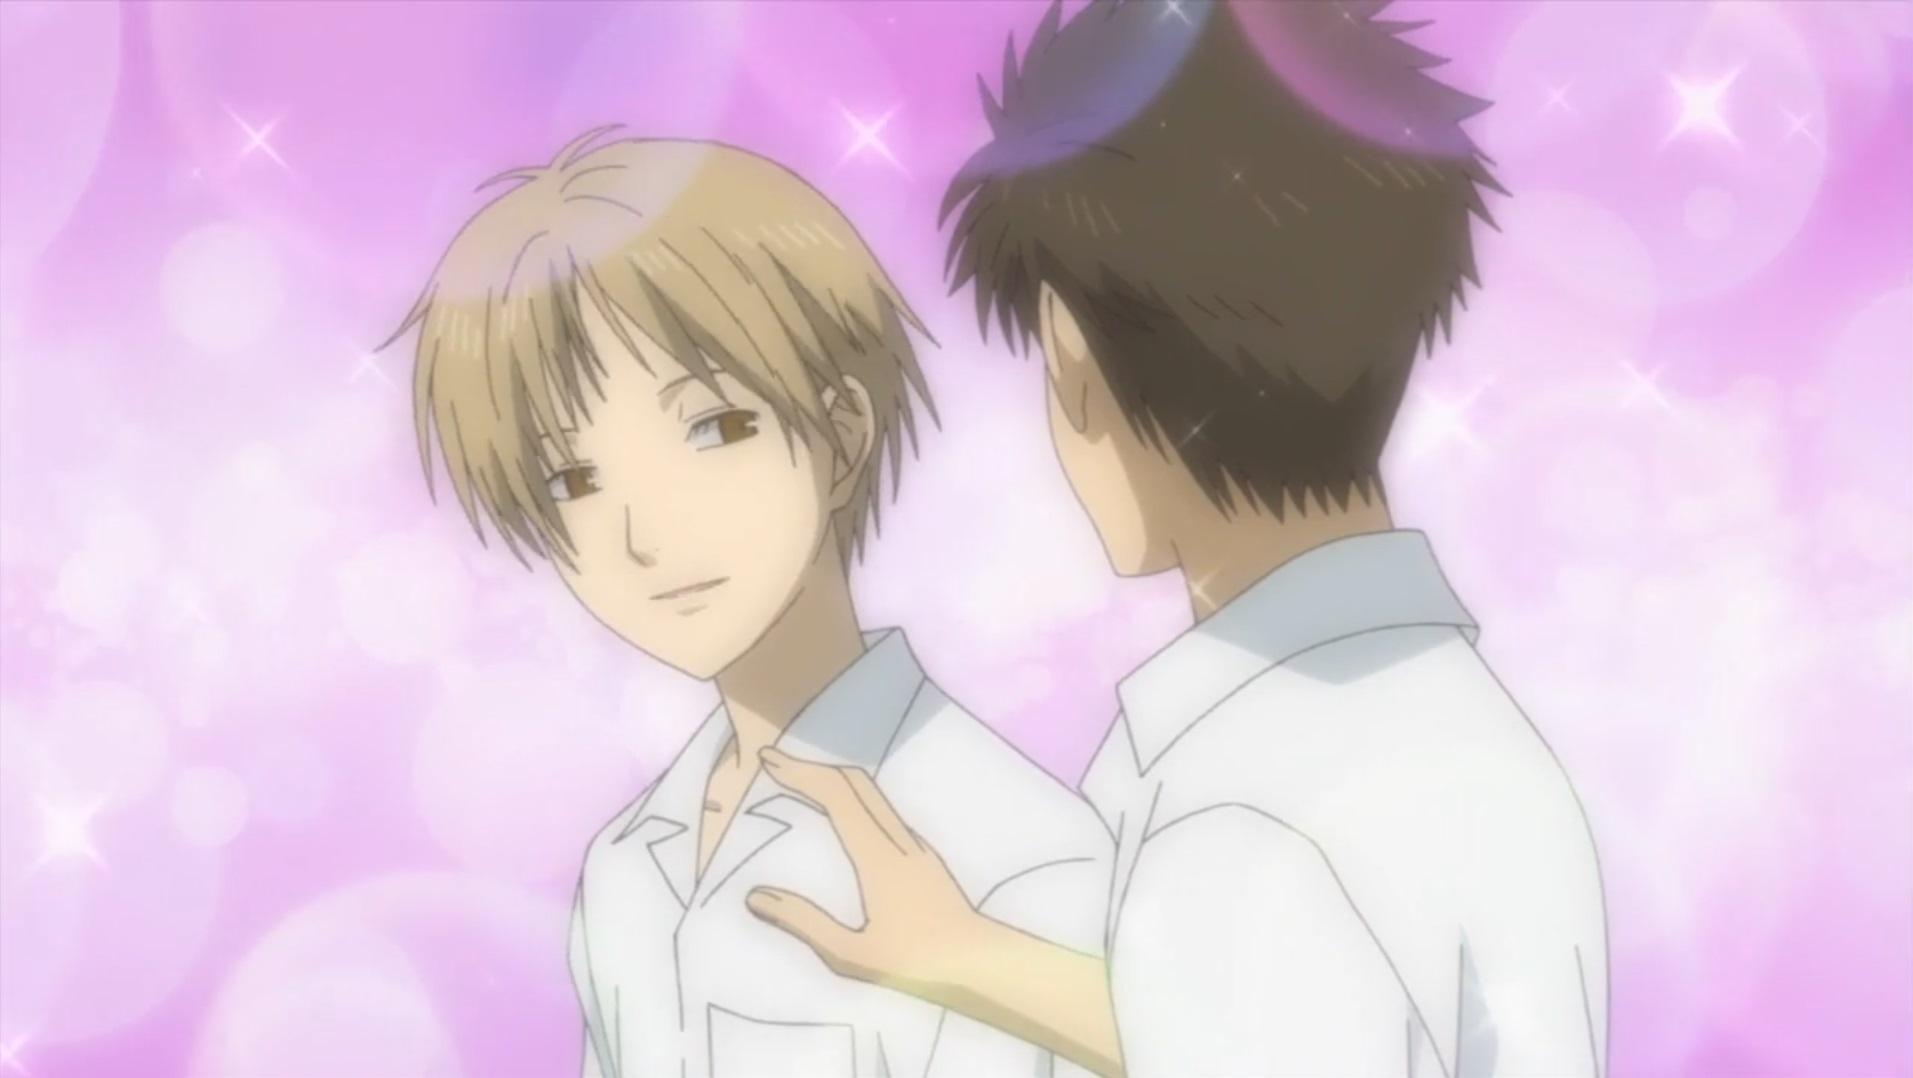 File:Asagi possesed1.jpg